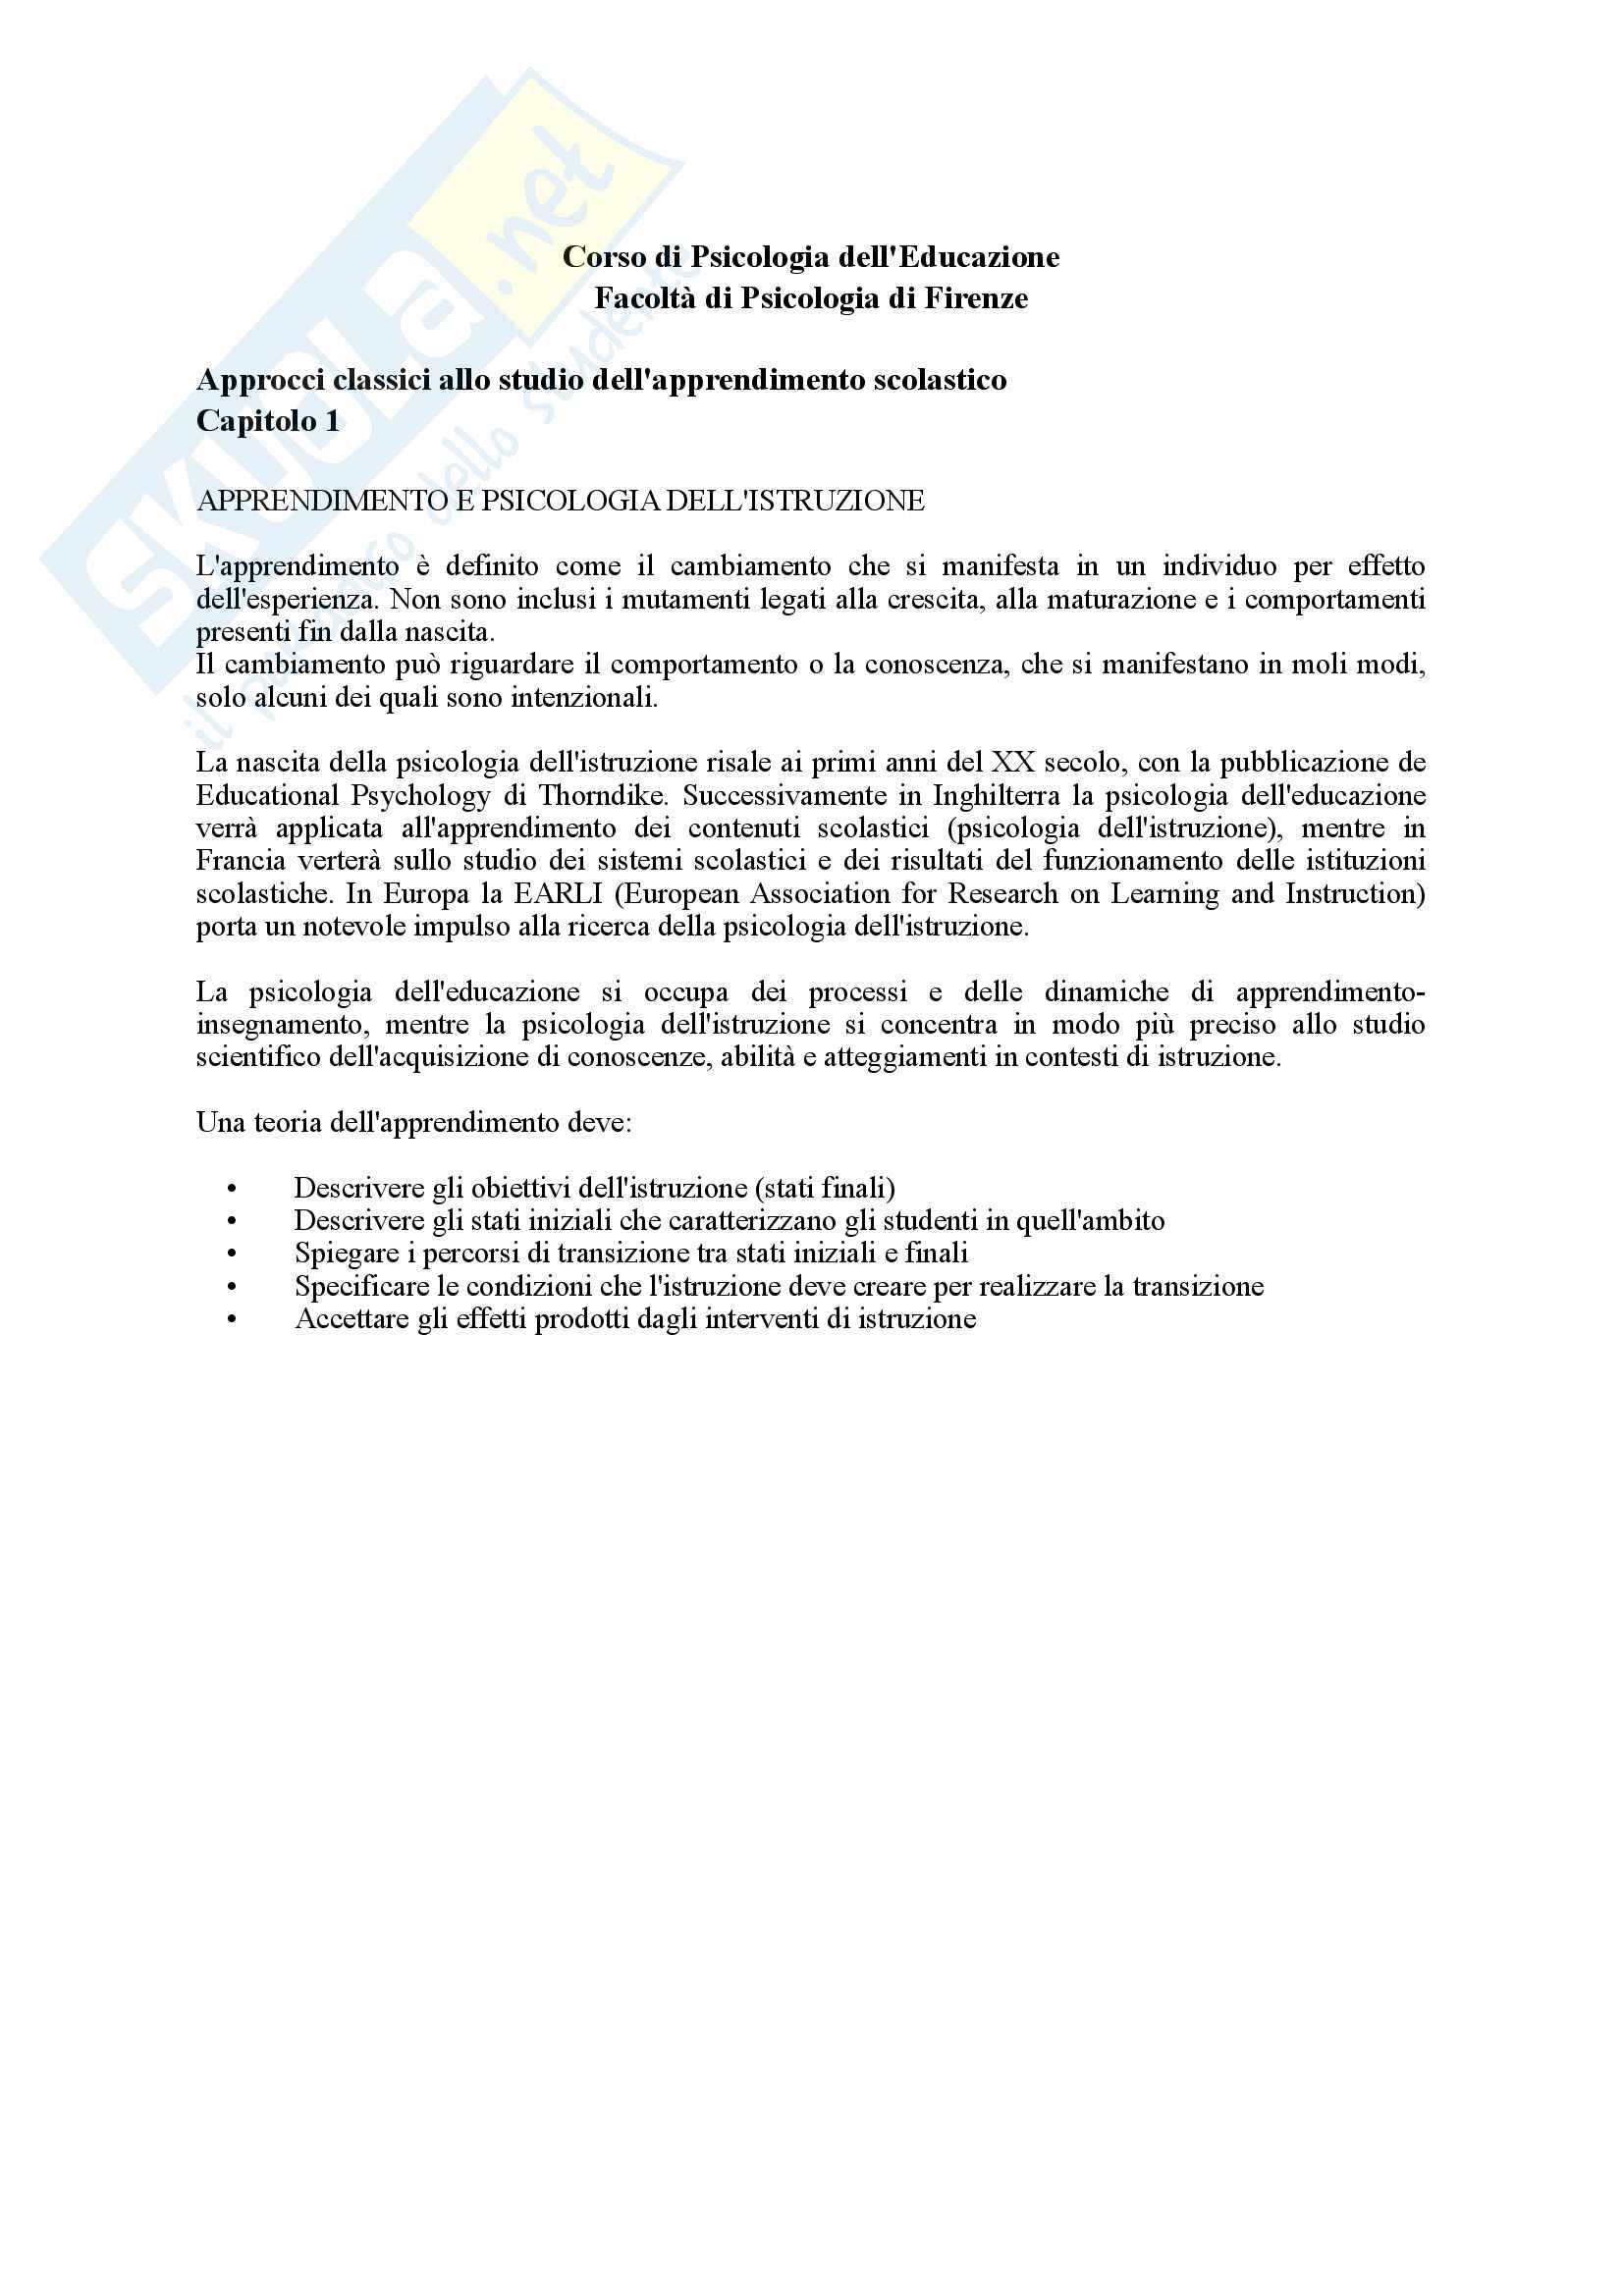 Riassunto esame Psicologia dell'Educazione, prof. Pinto, libro consigliato Psicologia dell'Apprendimento e dell'Istruzione, Mason